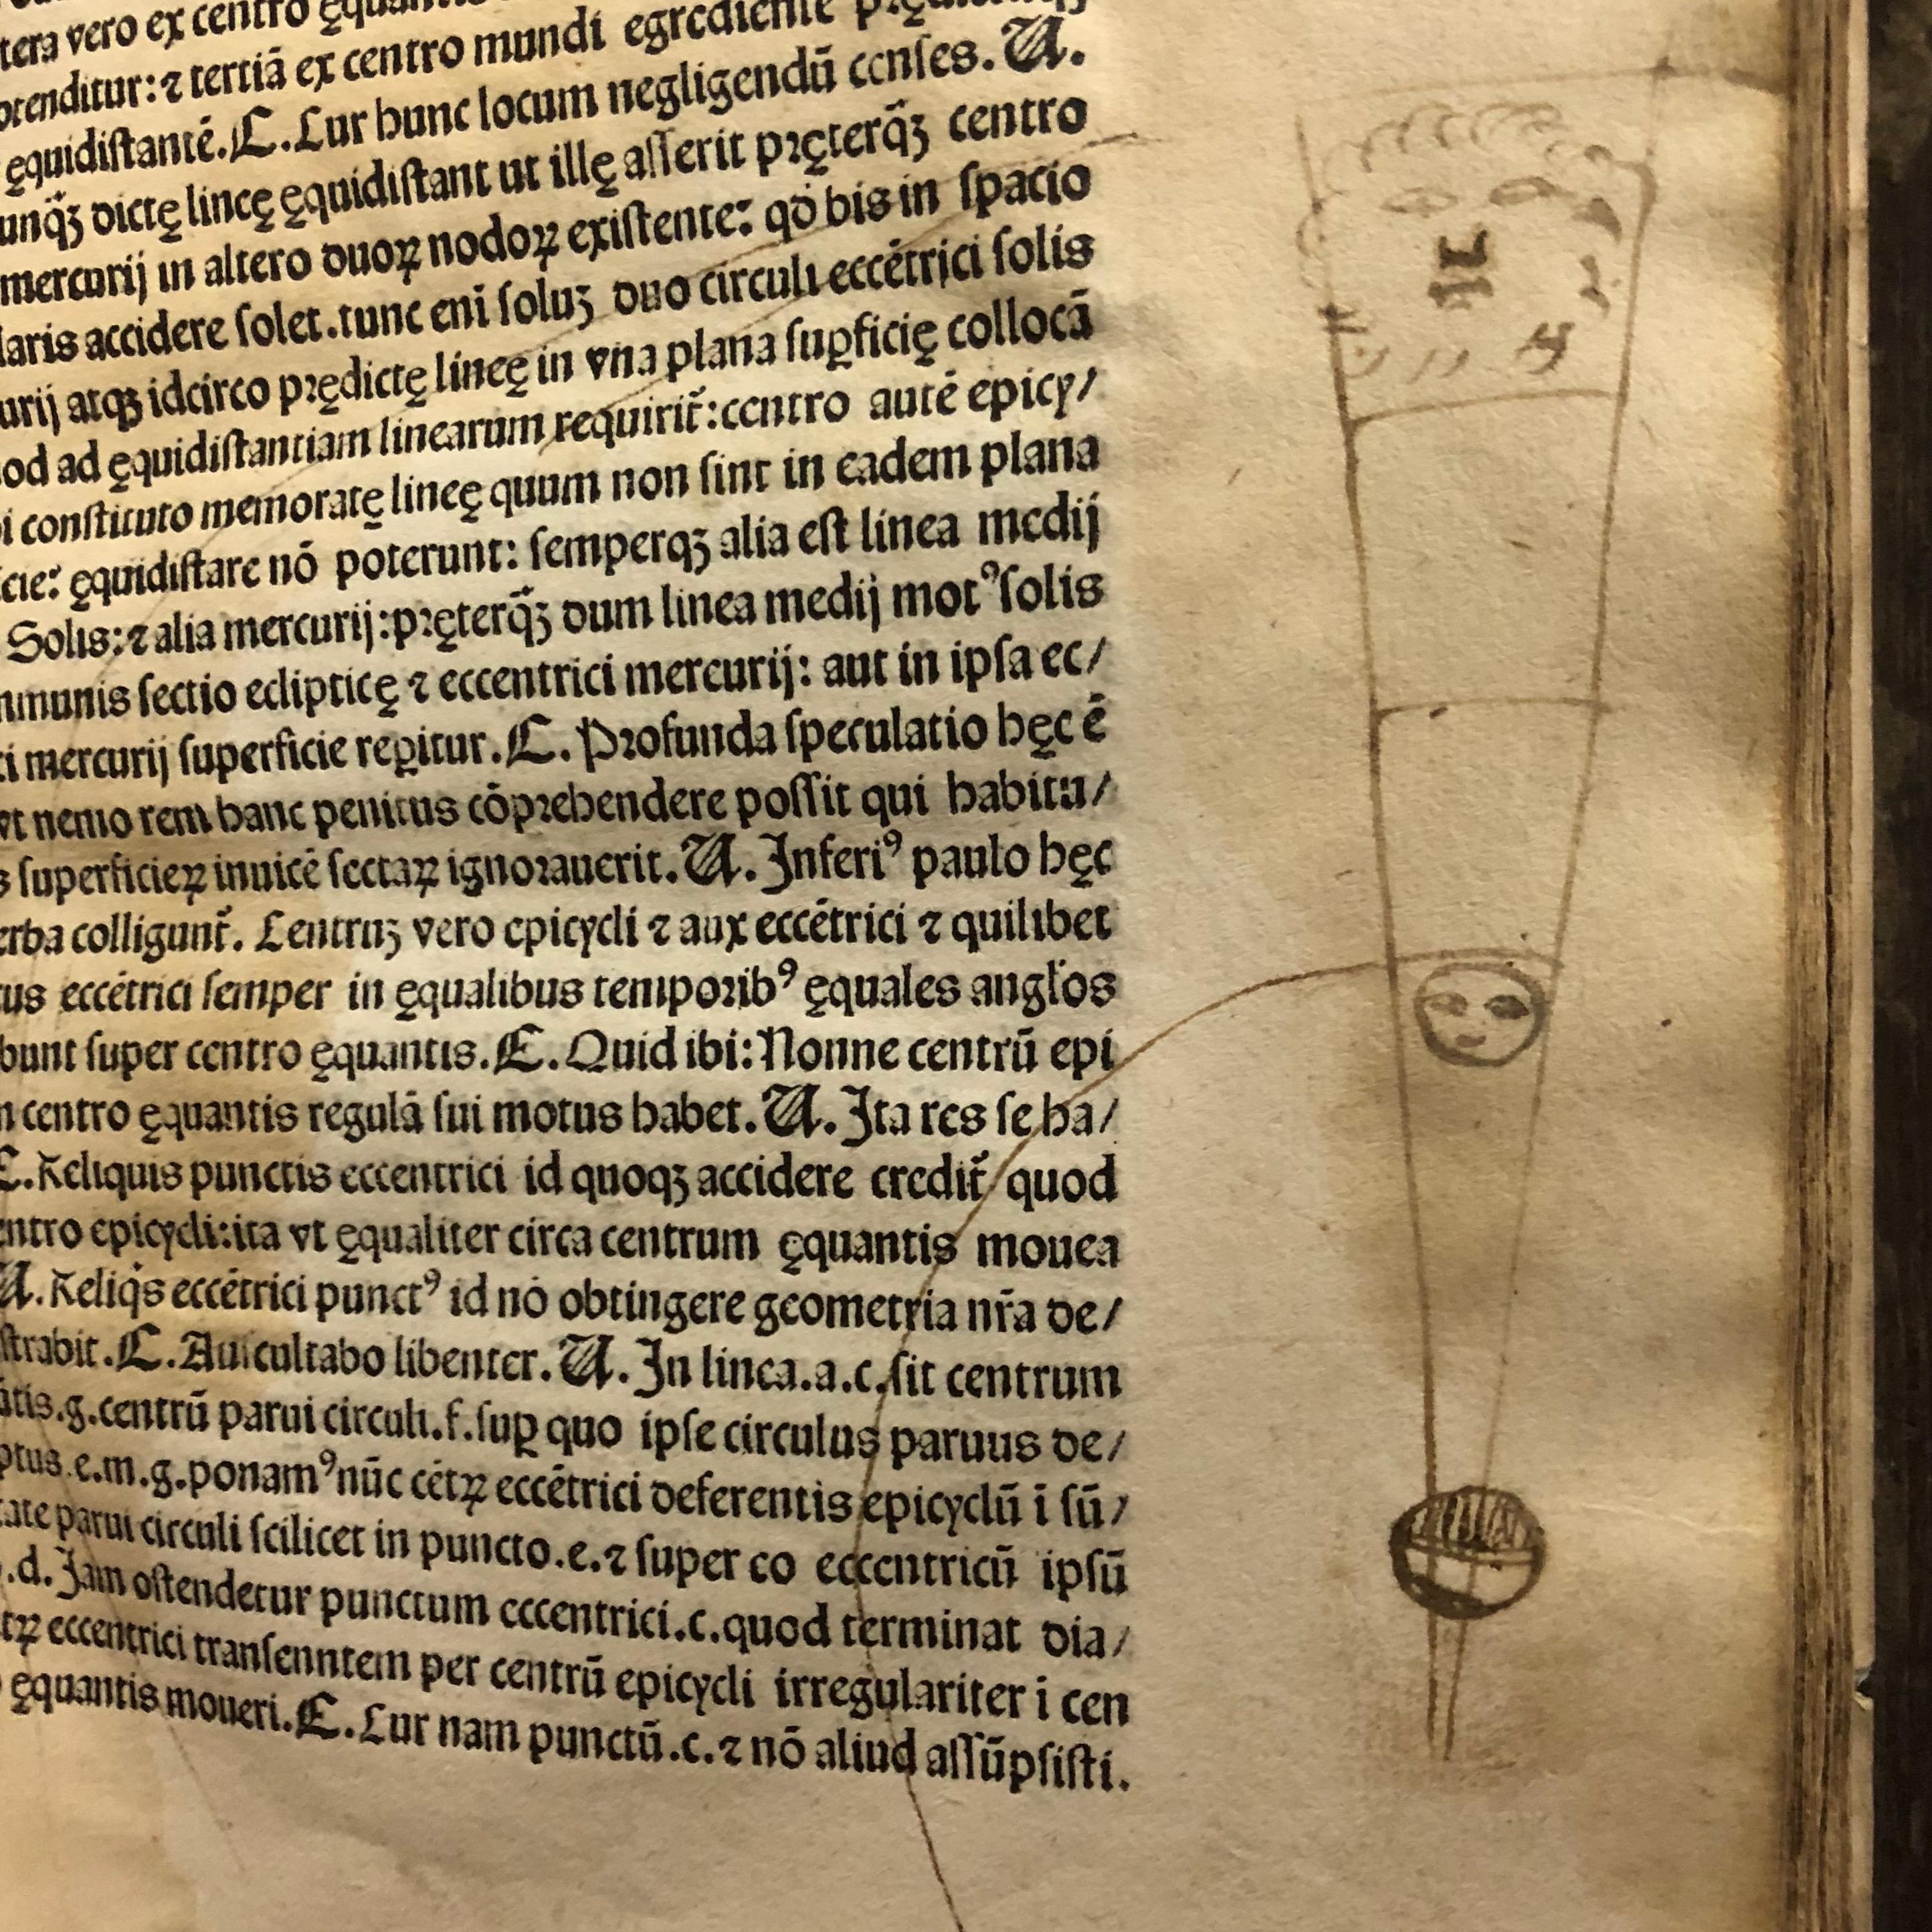 Drawing of a heliocentric universe in 'Nouicijs adolescetib': ad astronomica remp: capessenda aditu impenetratib' by Johannes de Sacro Bosco, 1482, Venice (Maddison Collection, 1D1)